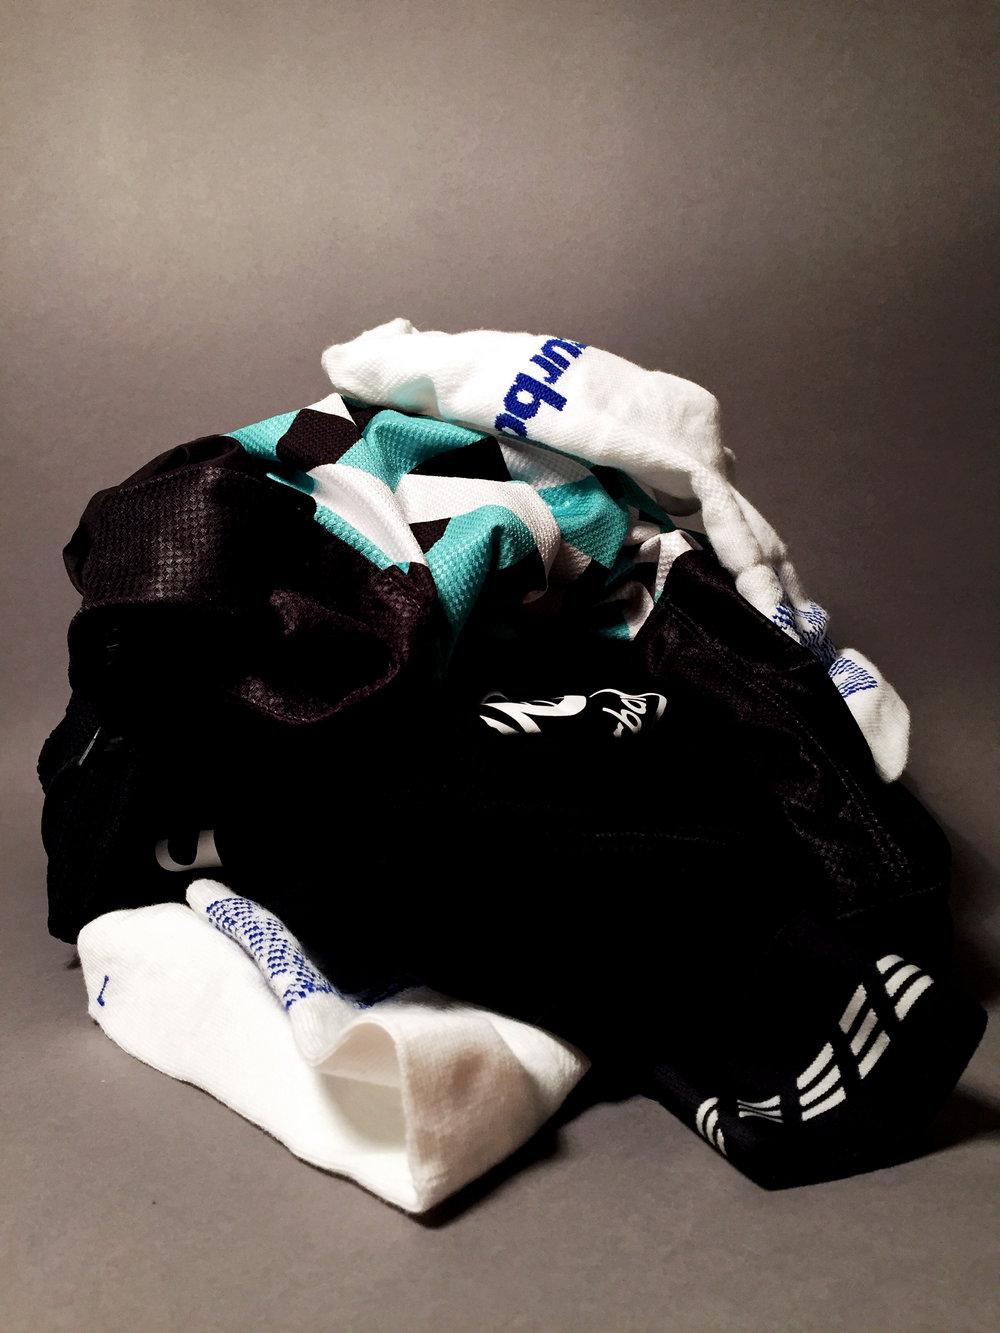 ls endurance jersey, ss grid jersey, classic bib tights, puncheur socks